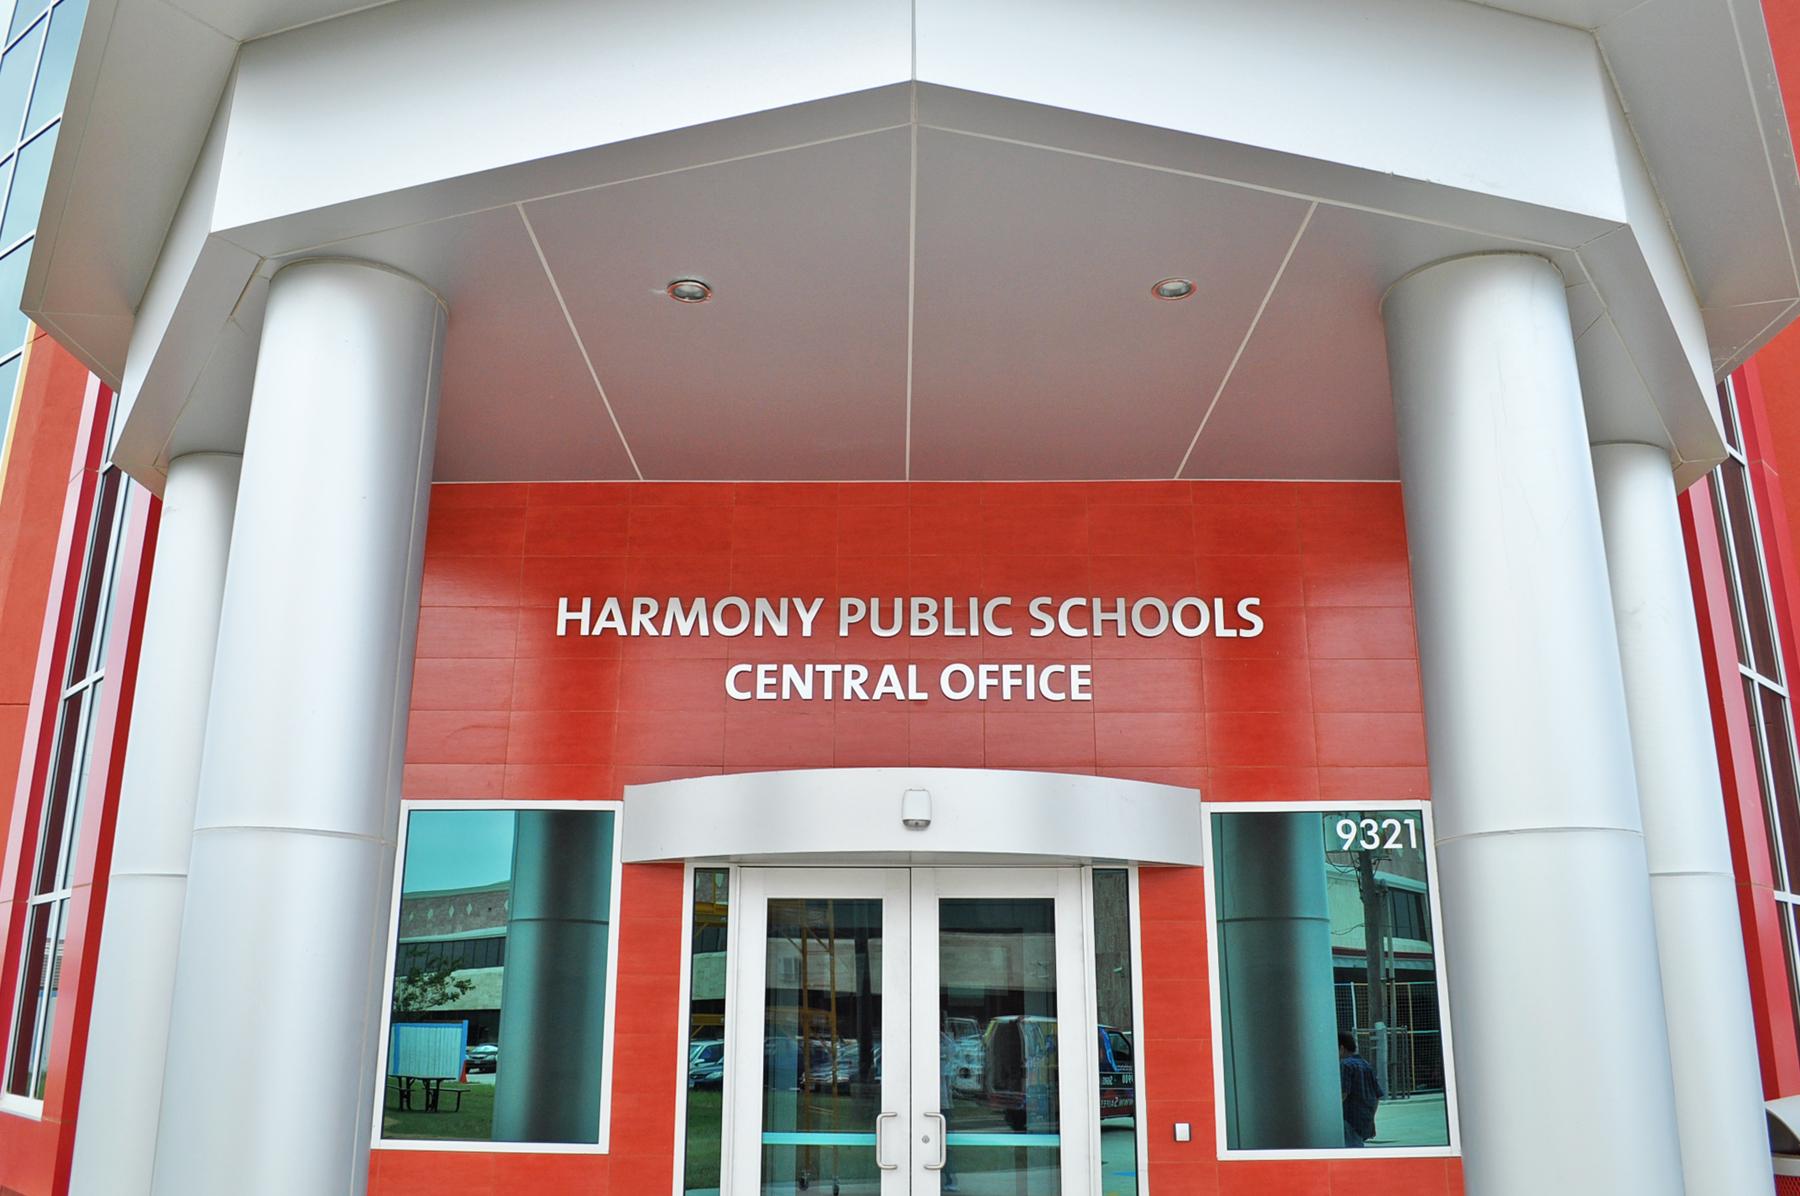 Harmony Public Schools